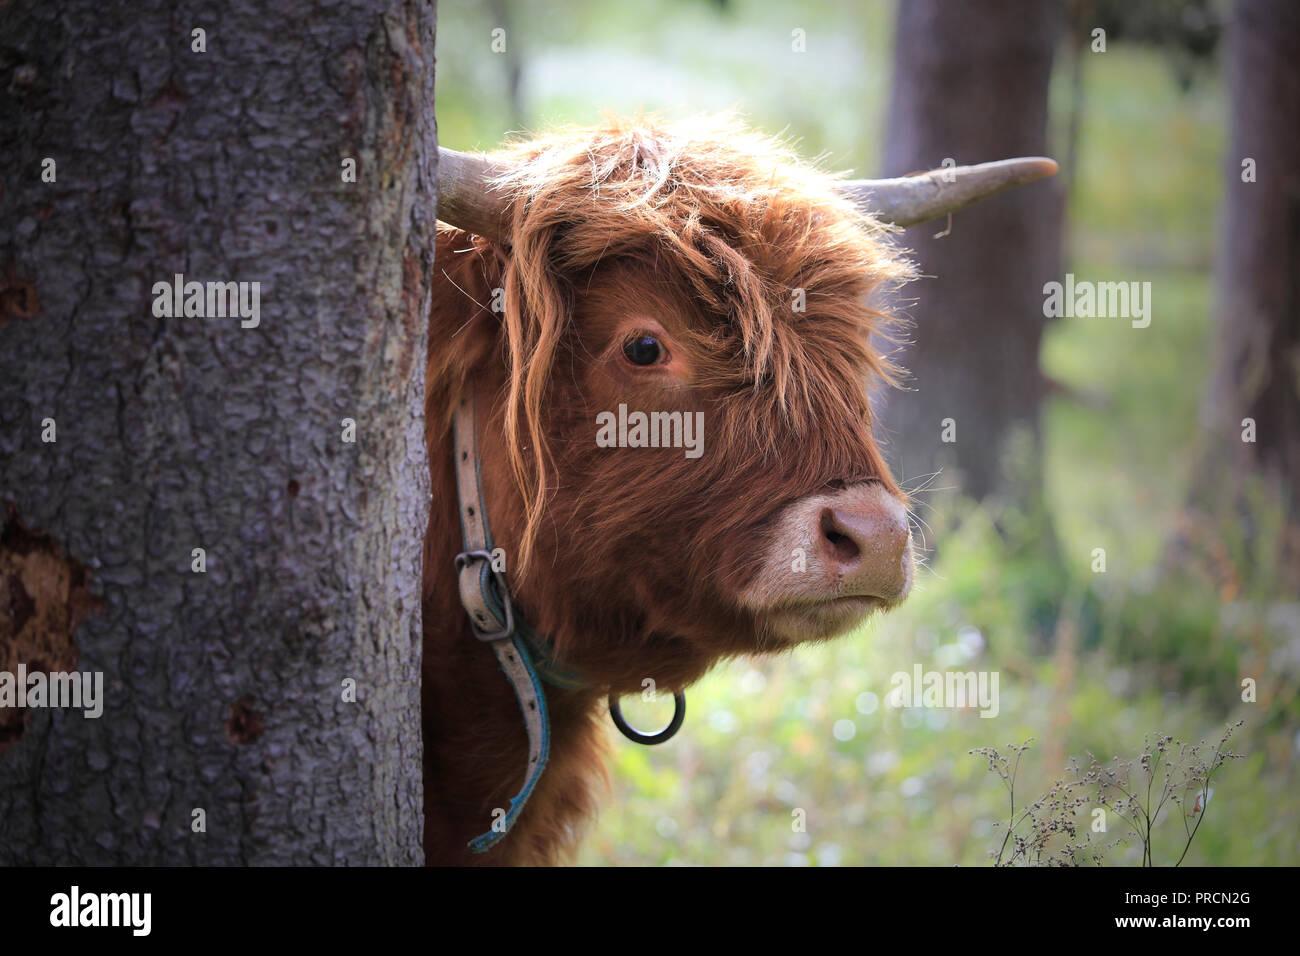 Joven, tímido y curioso Highland bull mira detrás de un árbol. Imagen De Stock